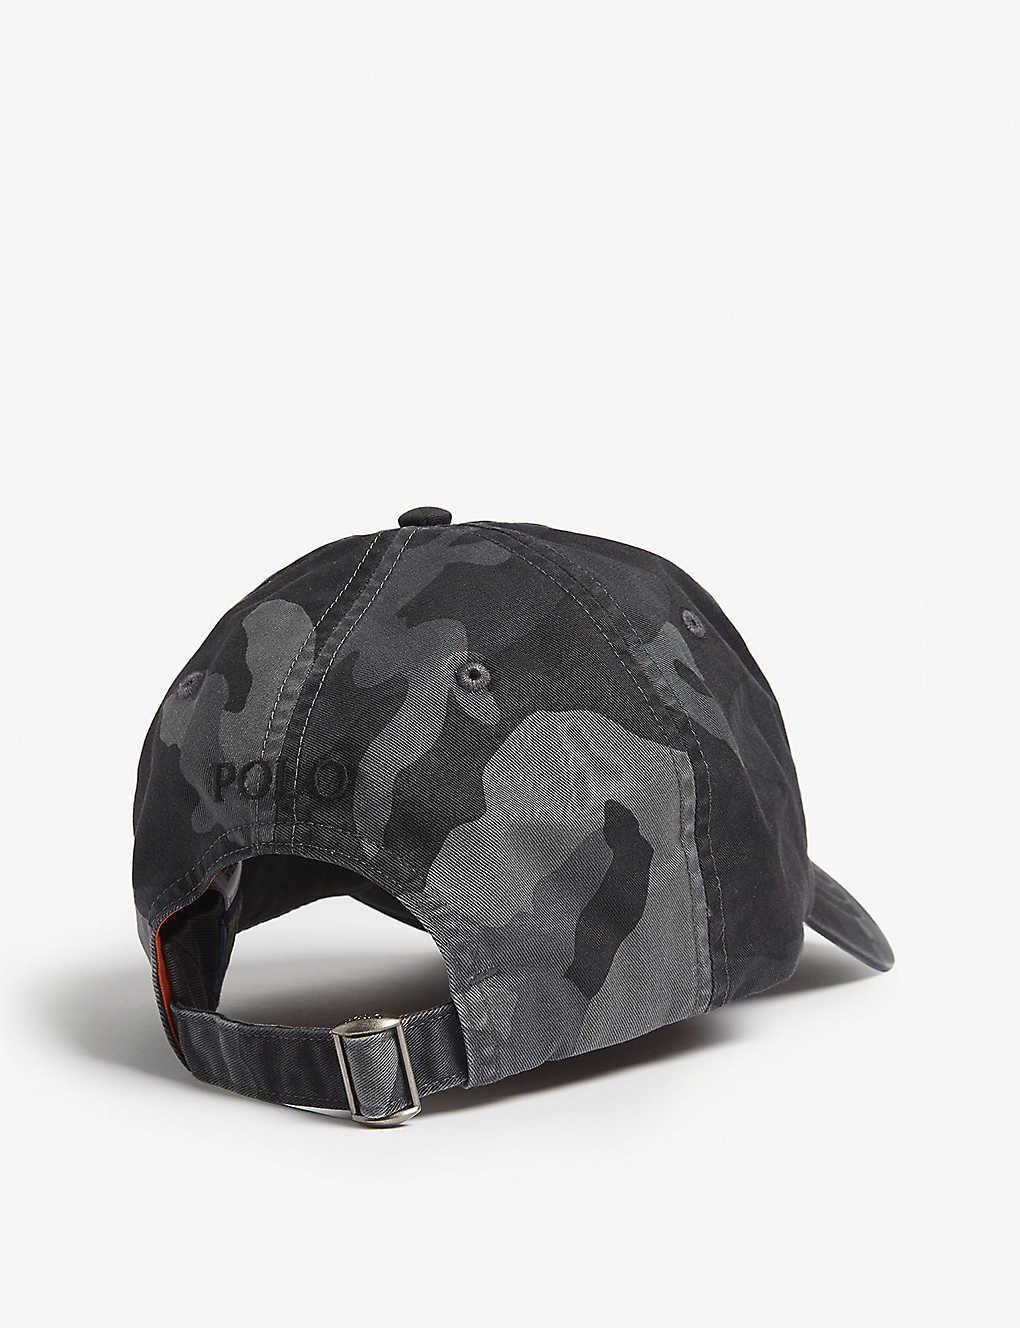 10560157a0bda POLO RALPH LAUREN - Camouflage baseball cap